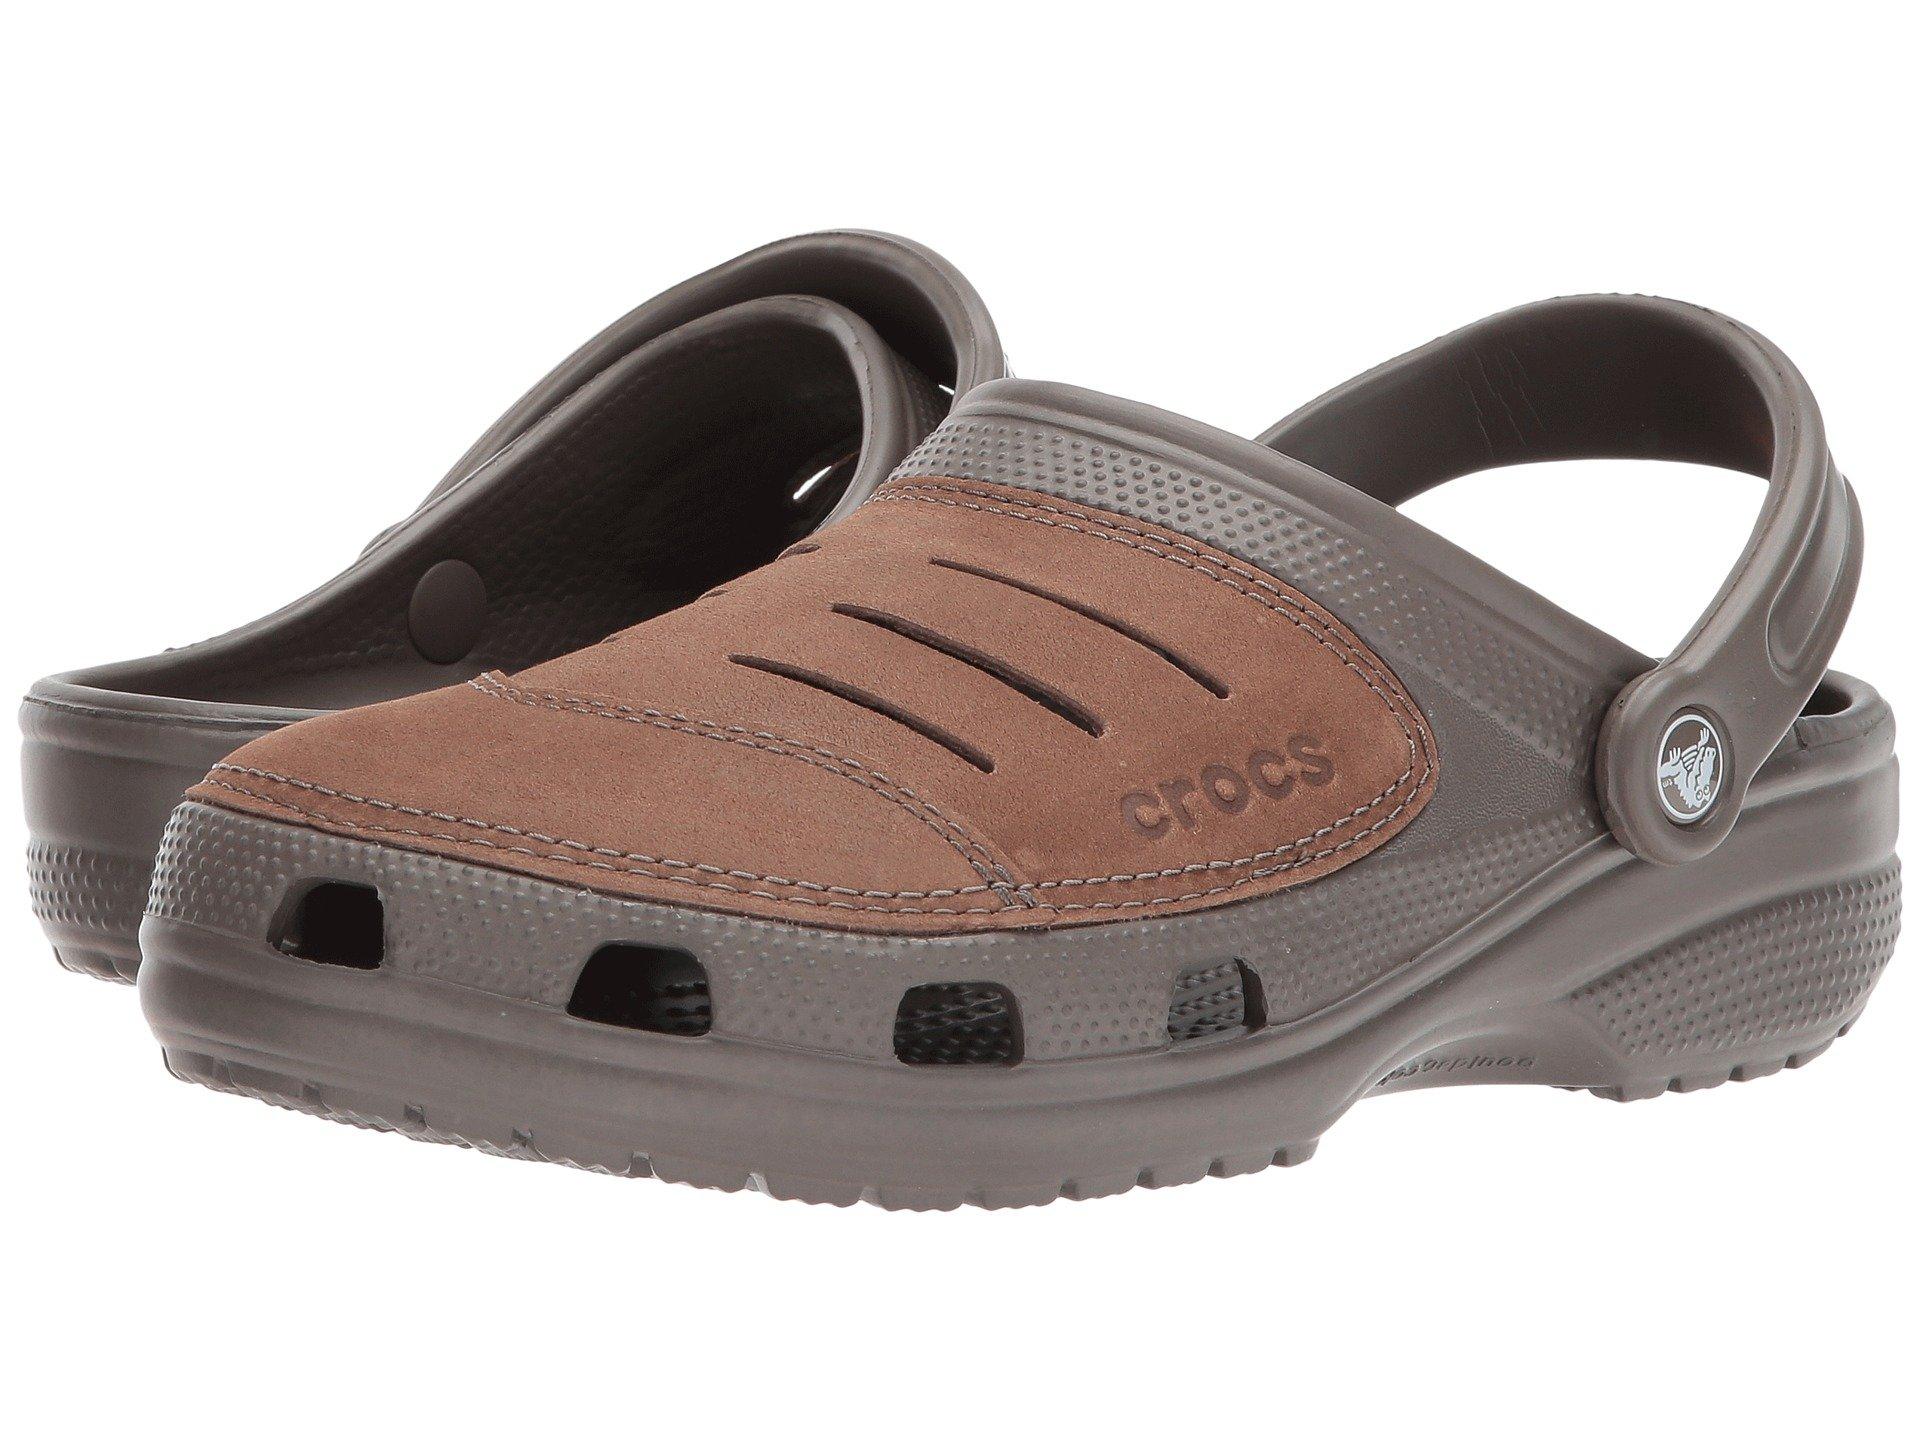 Calzado Sin Talon para Hombre Crocs Bogota  + Crocs en VeoyCompro.net